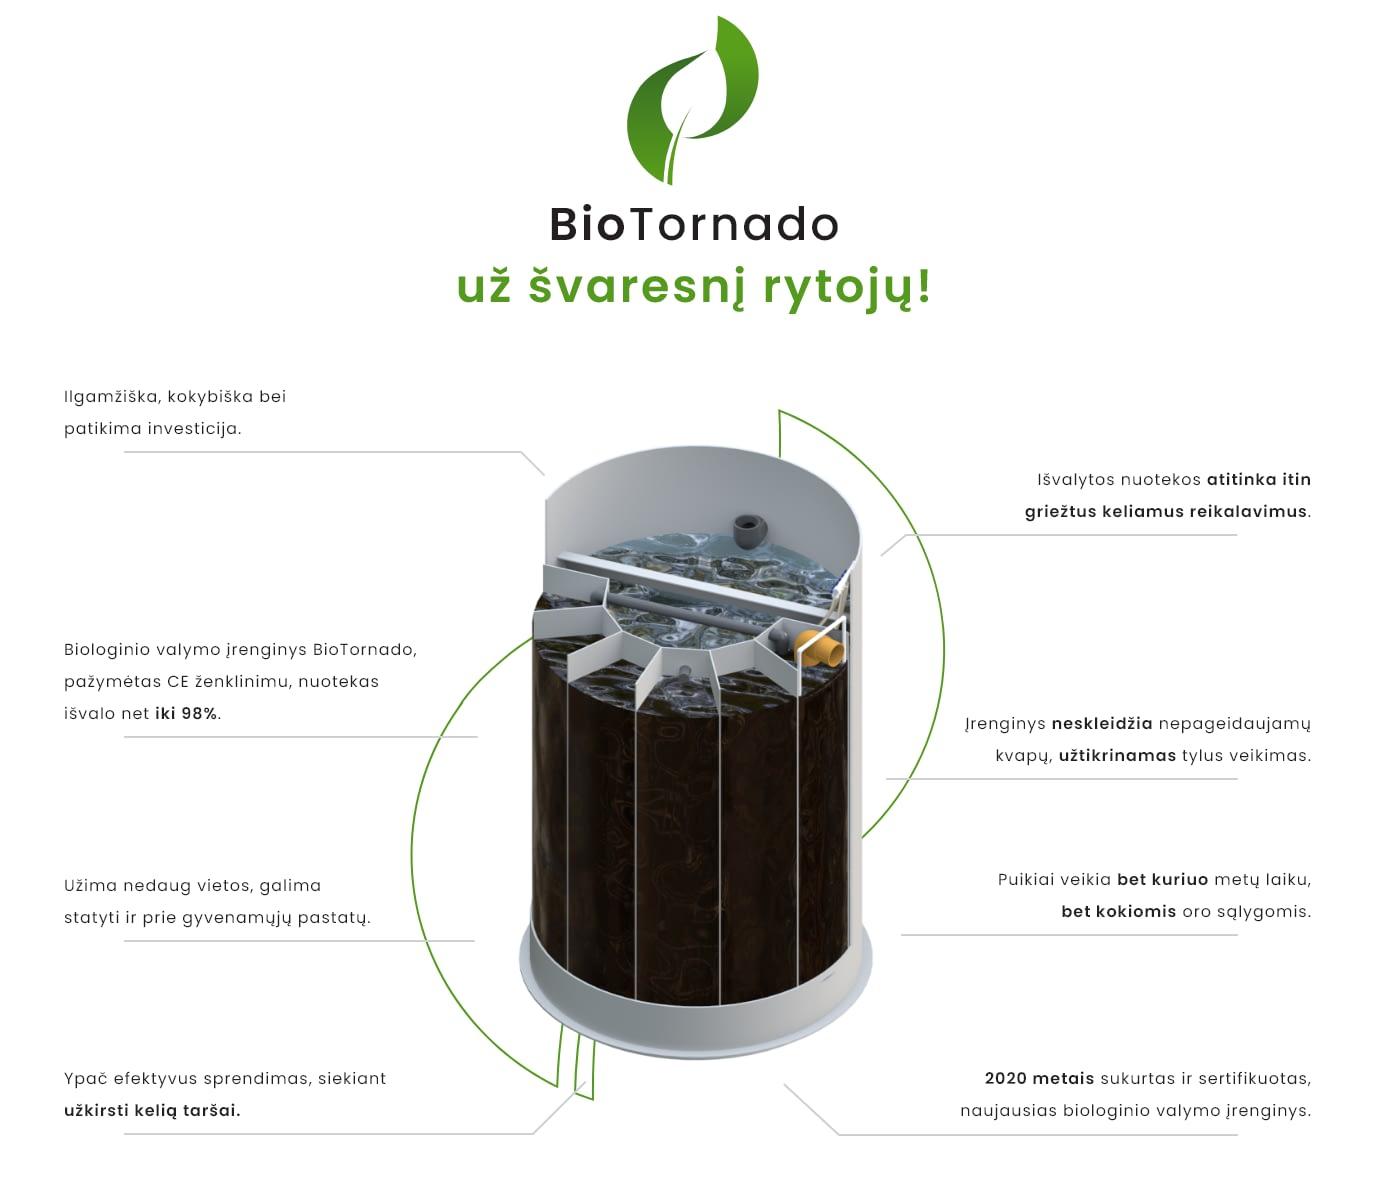 BioTornado biologinis nuotekų valymo įrenginys